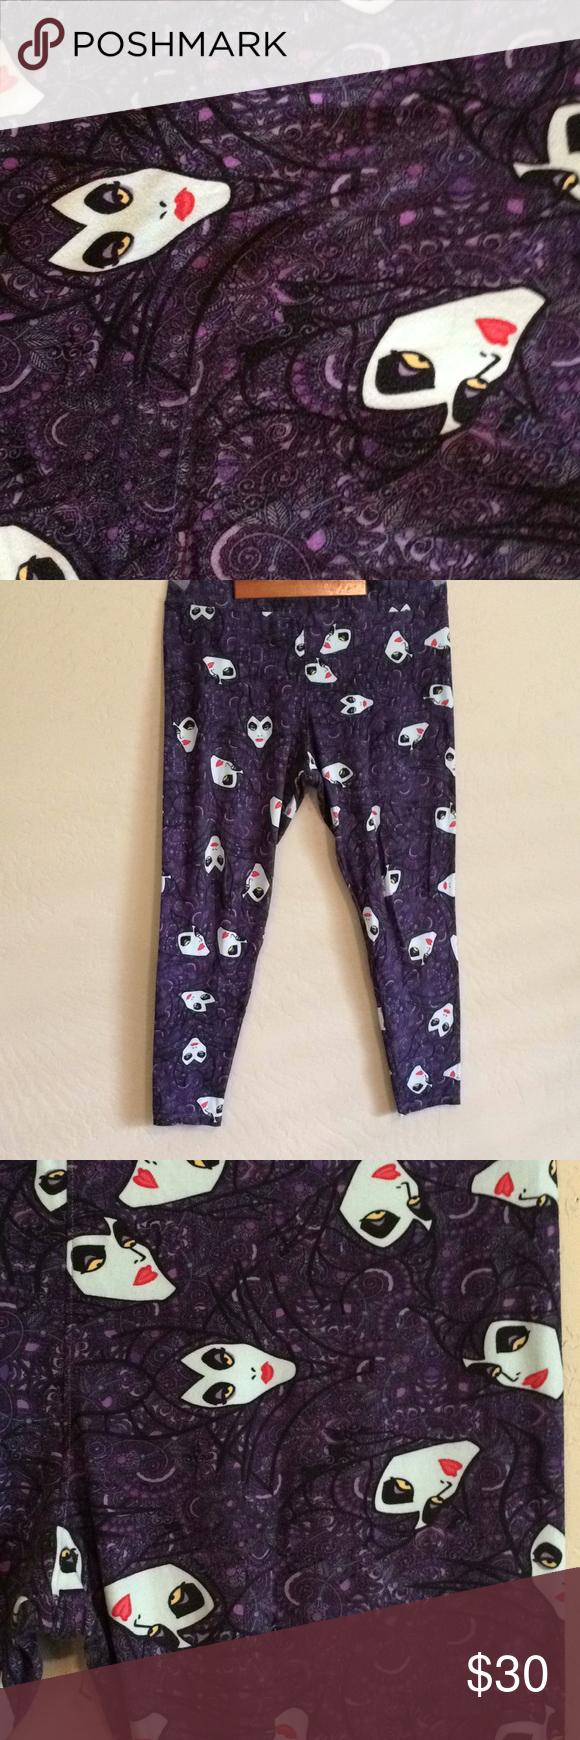 8be562ddd7f472 Spotted while shopping on Poshmark: LuLaRoe Disney Maleficient legging TC2!  #poshmark #fashion